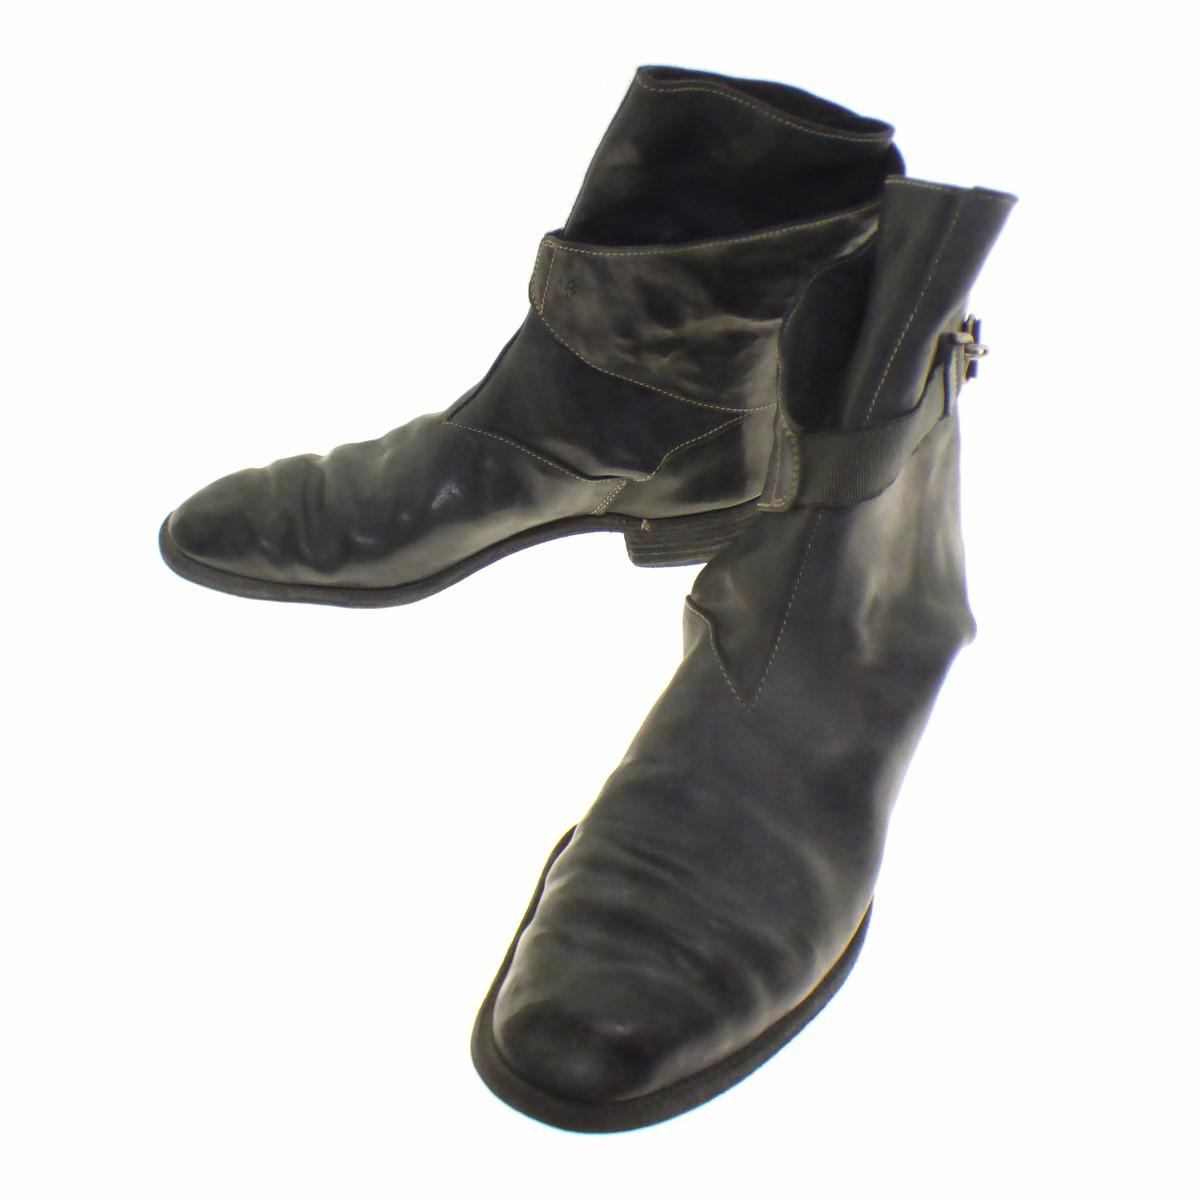 ブーツ, その他 CAROL CHRISTIAN POELL 8 423